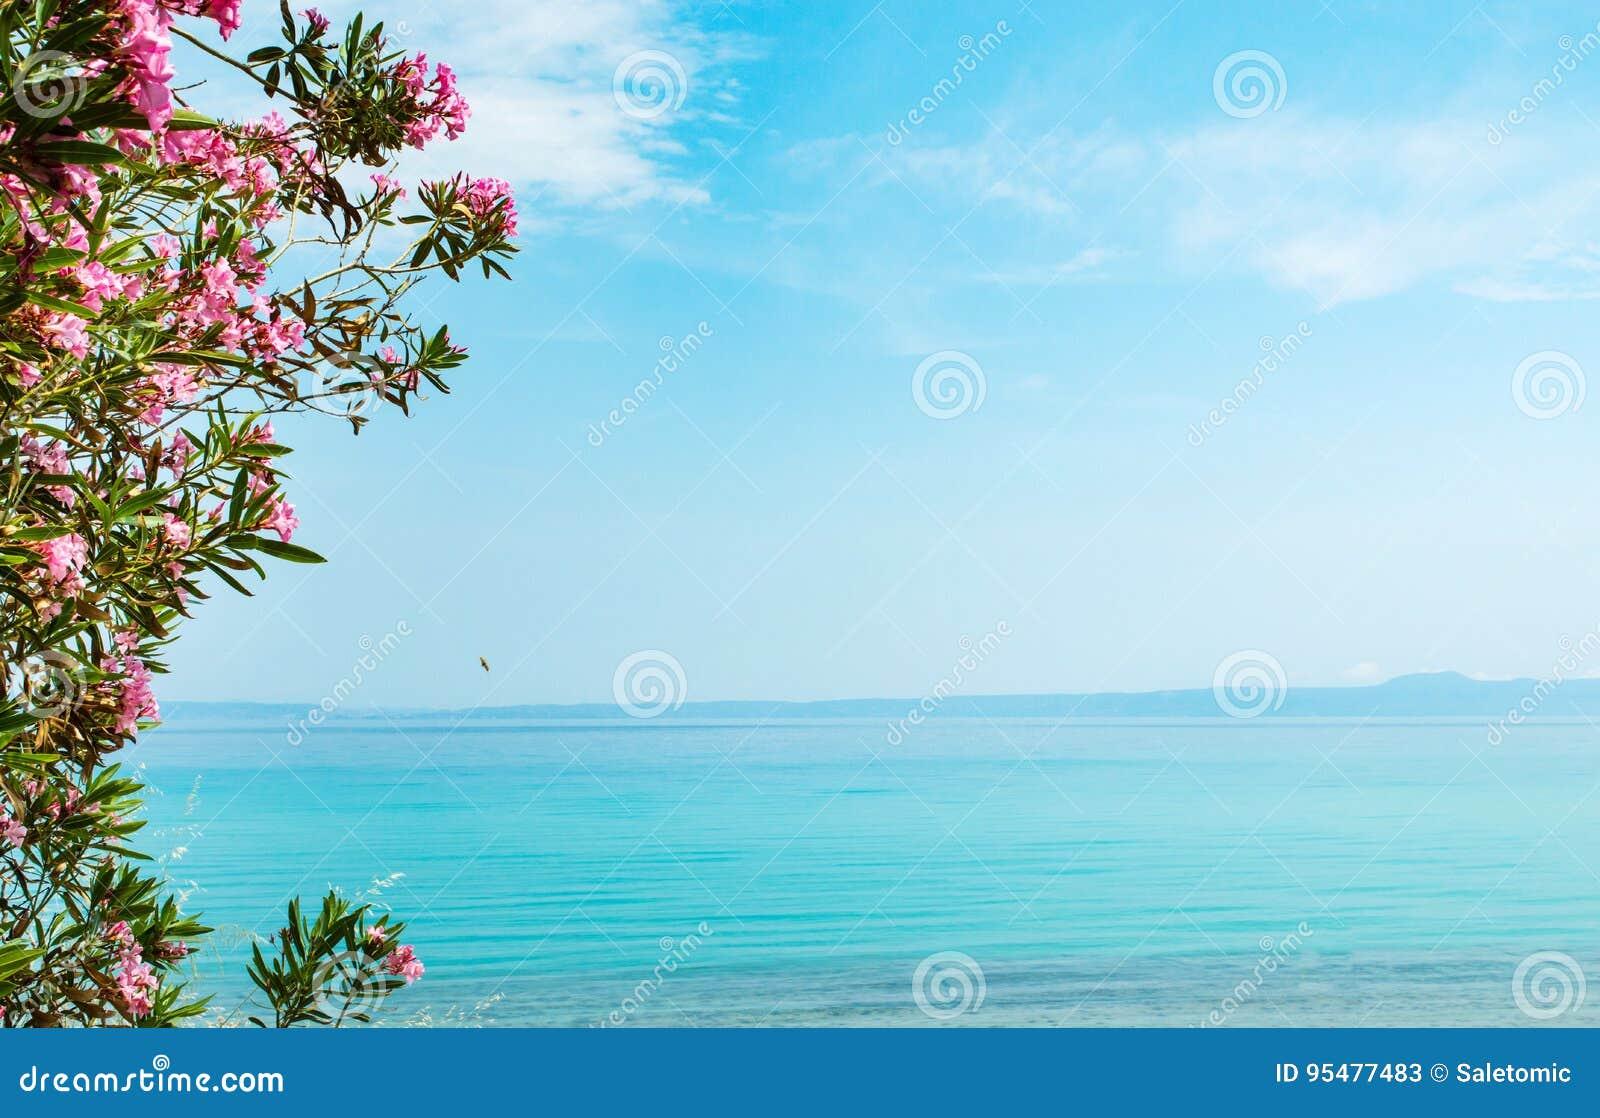 Błękitny morze otaczający kwiatami